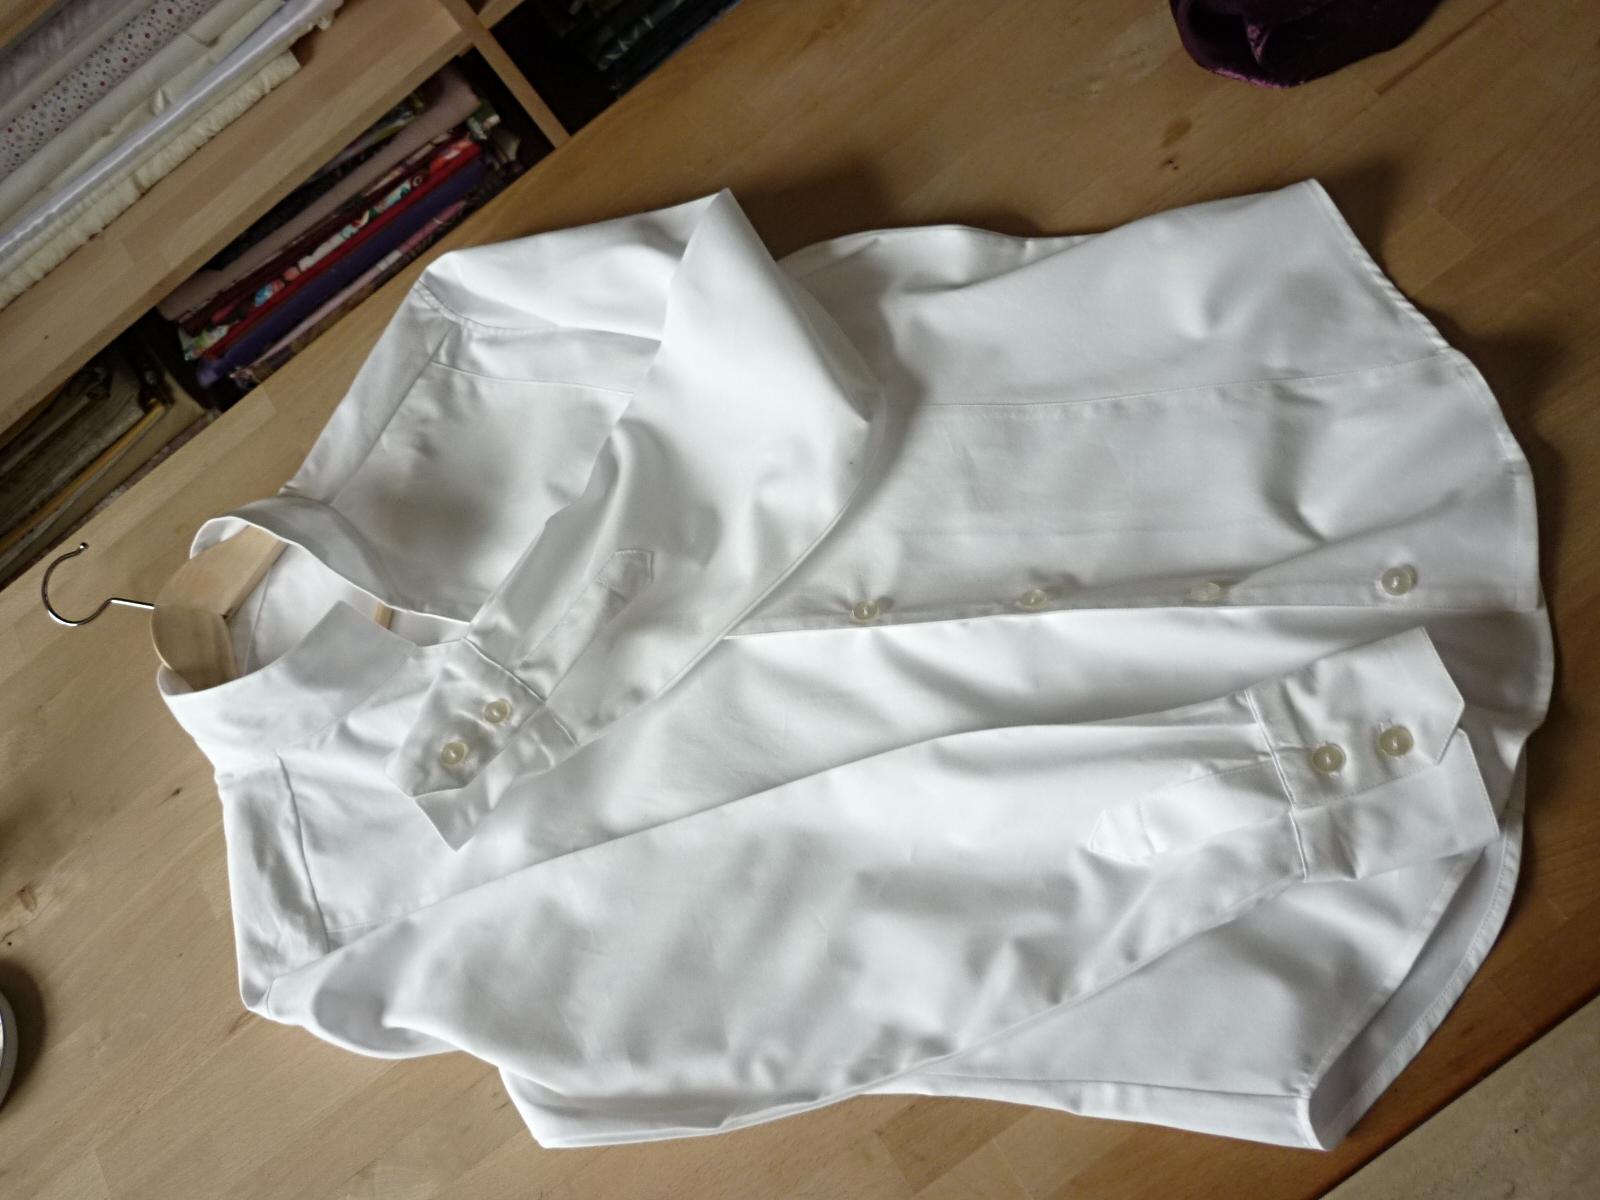 Chemisier pour homme réalisé suivant base d'une ancienne chemise du client